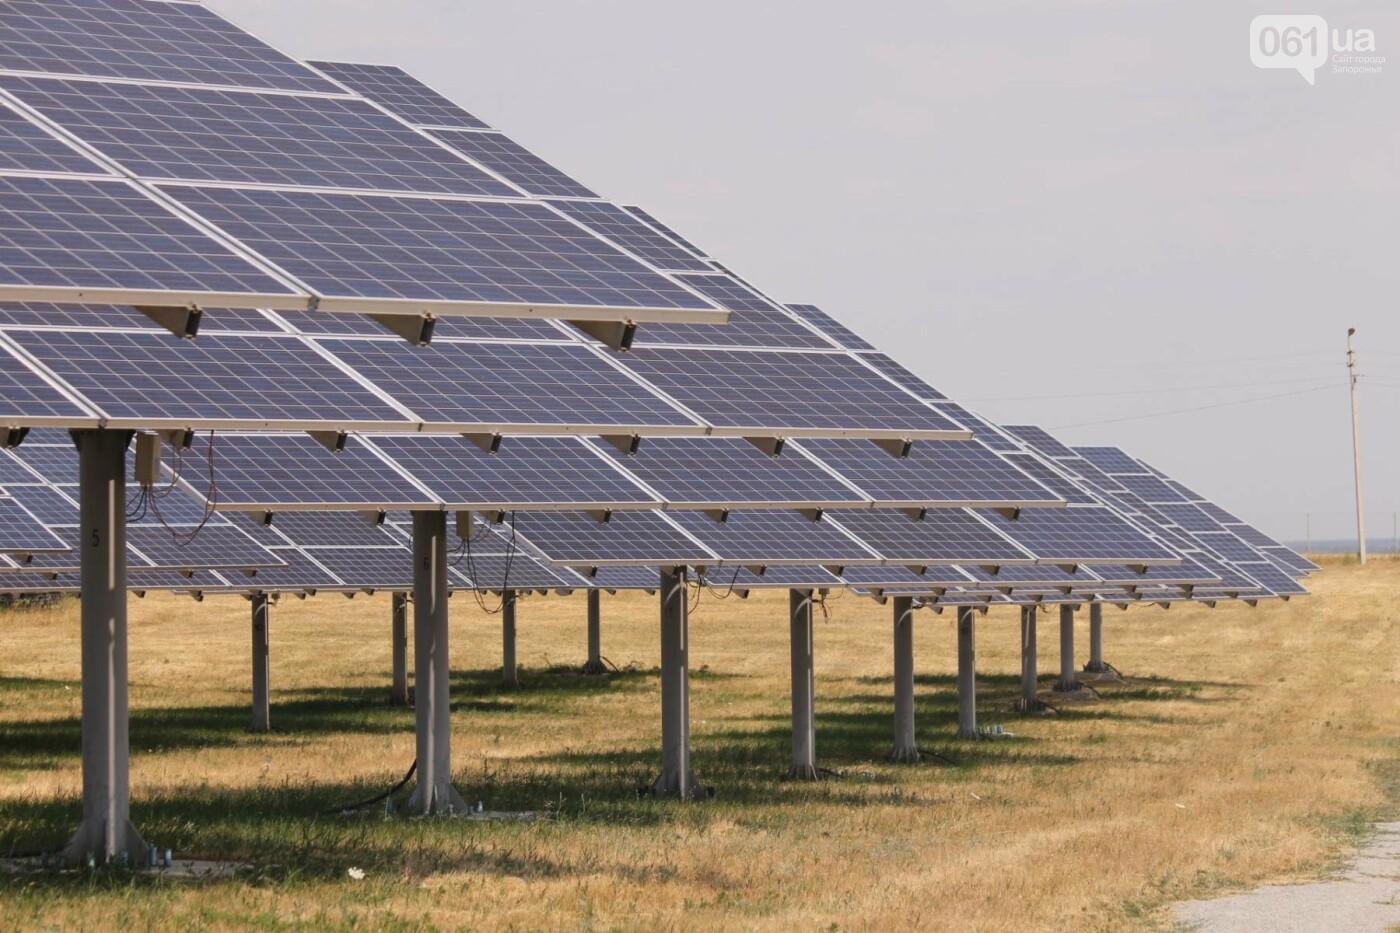 Как в Запорожской области работает крупнейшая в Украине солнечная станция: экскурсия на производство, — ФОТОРЕПОРТАЖ, фото-49